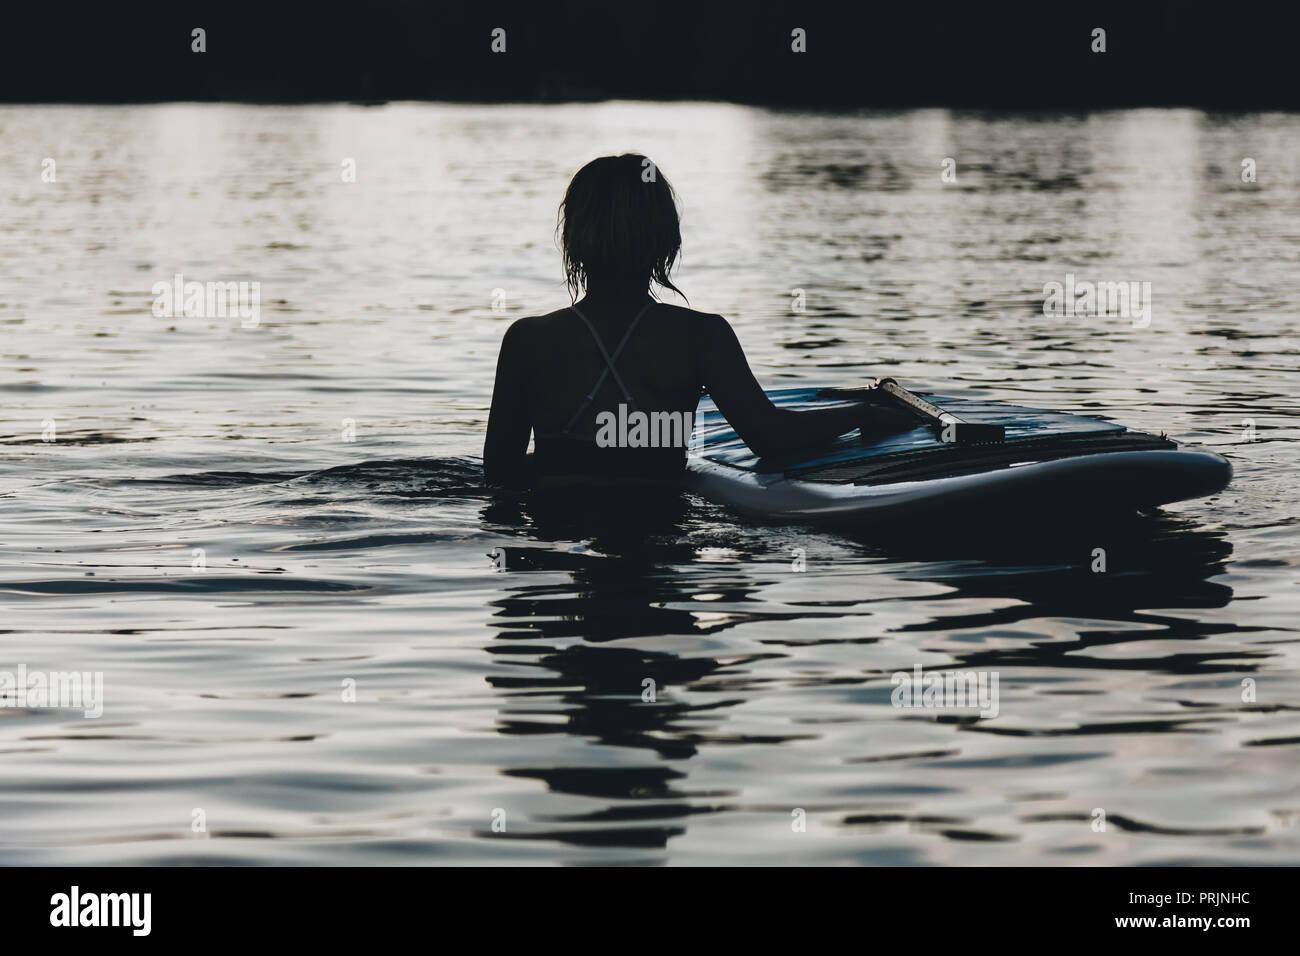 Silhouette di donna in acqua con paddle board Immagini Stock